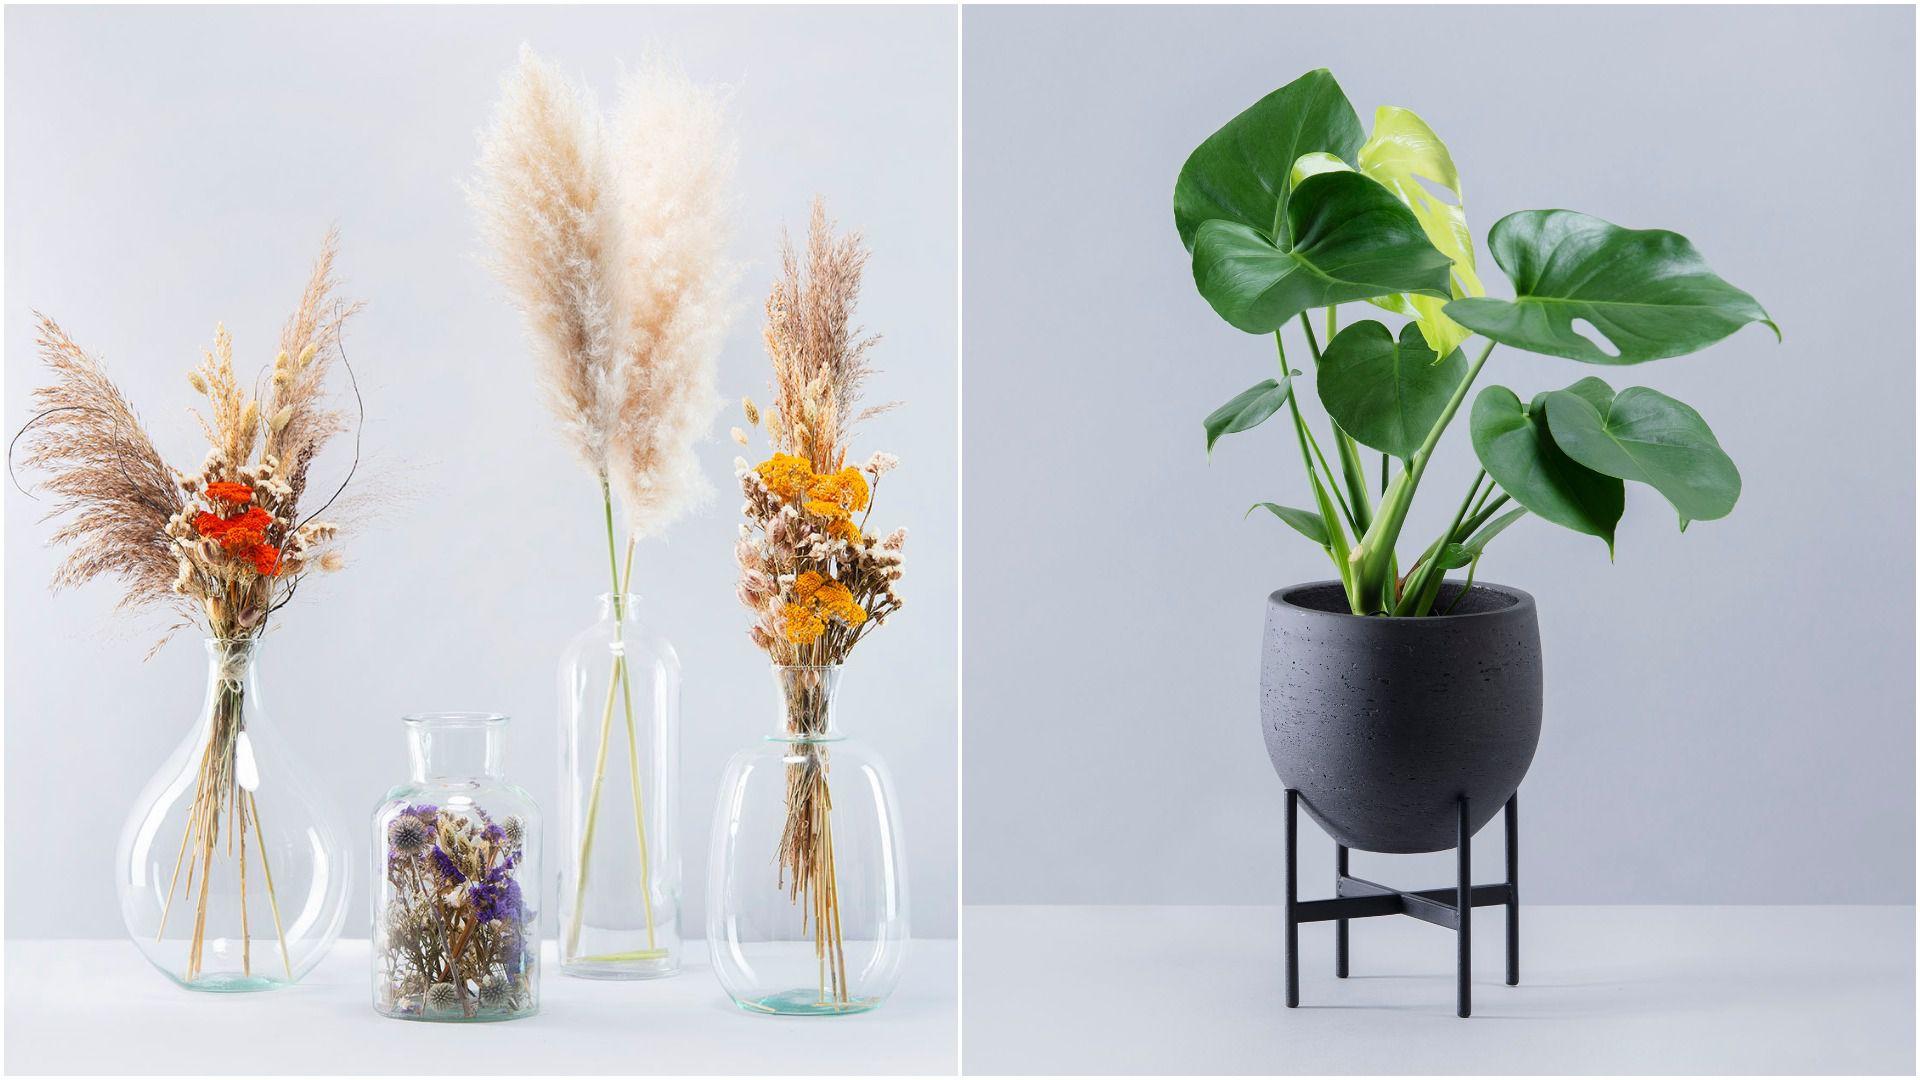 Biljkoljupci, pozor! Hortiart Home predstavio je novu kolekciju sa suhim cvijećem, a ima i odličan rođendanski popust